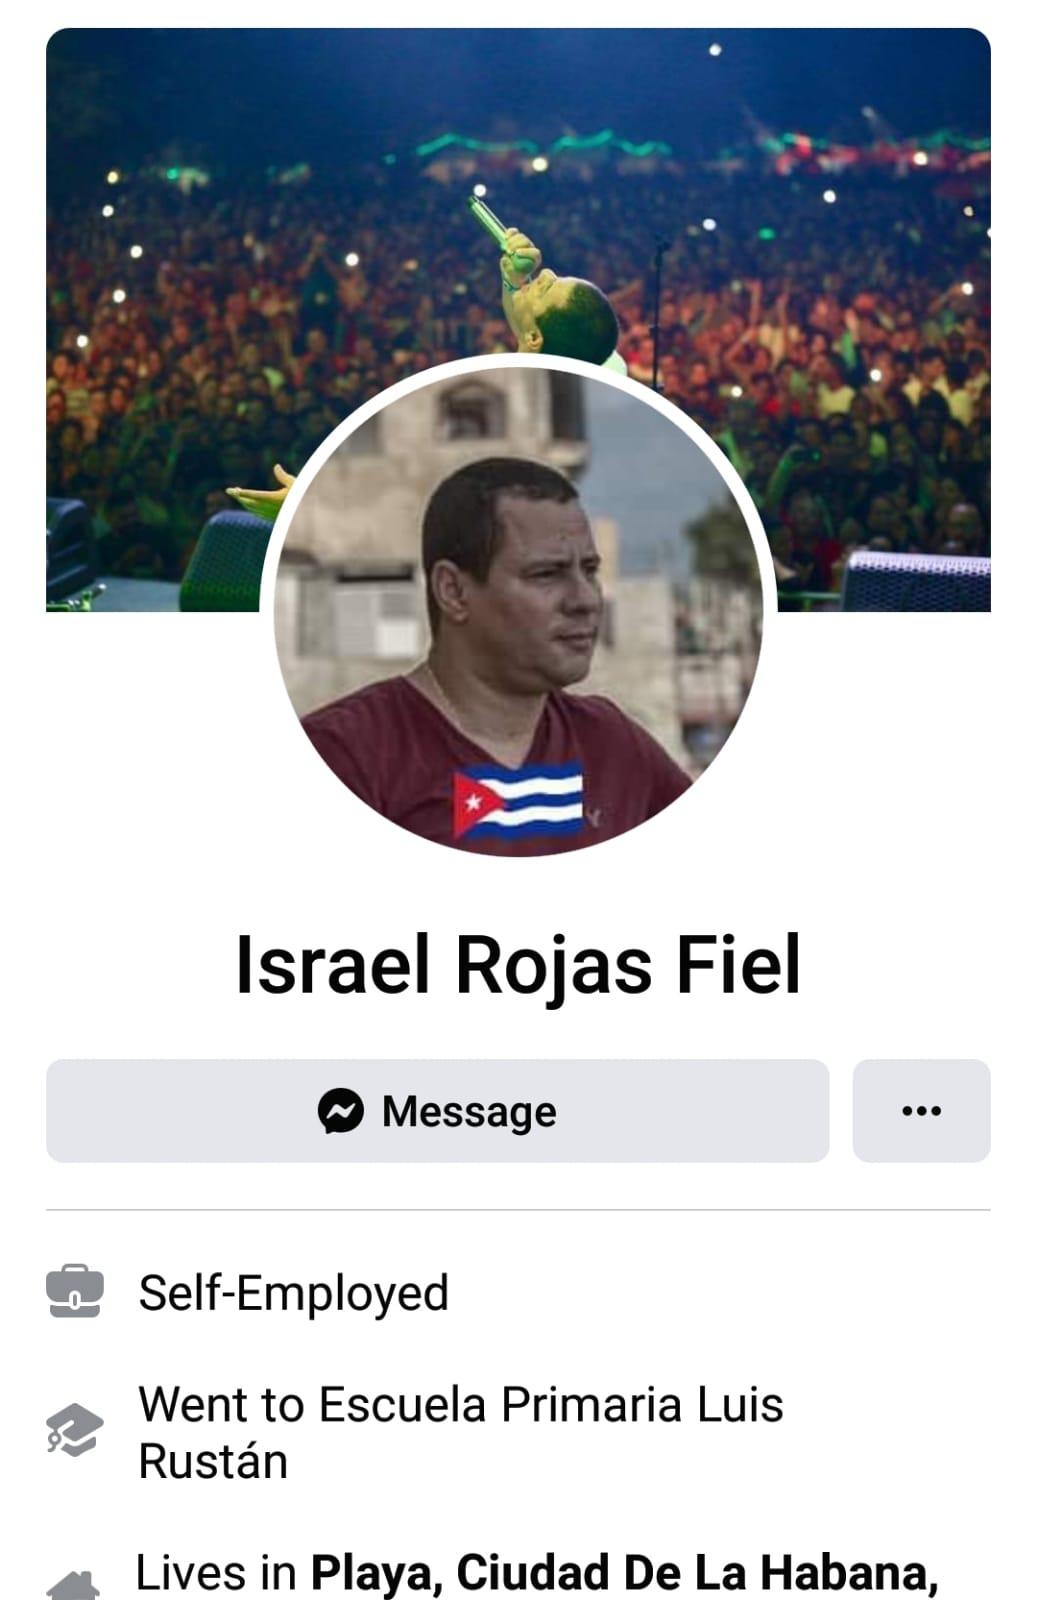 Israel Rojas Fiel